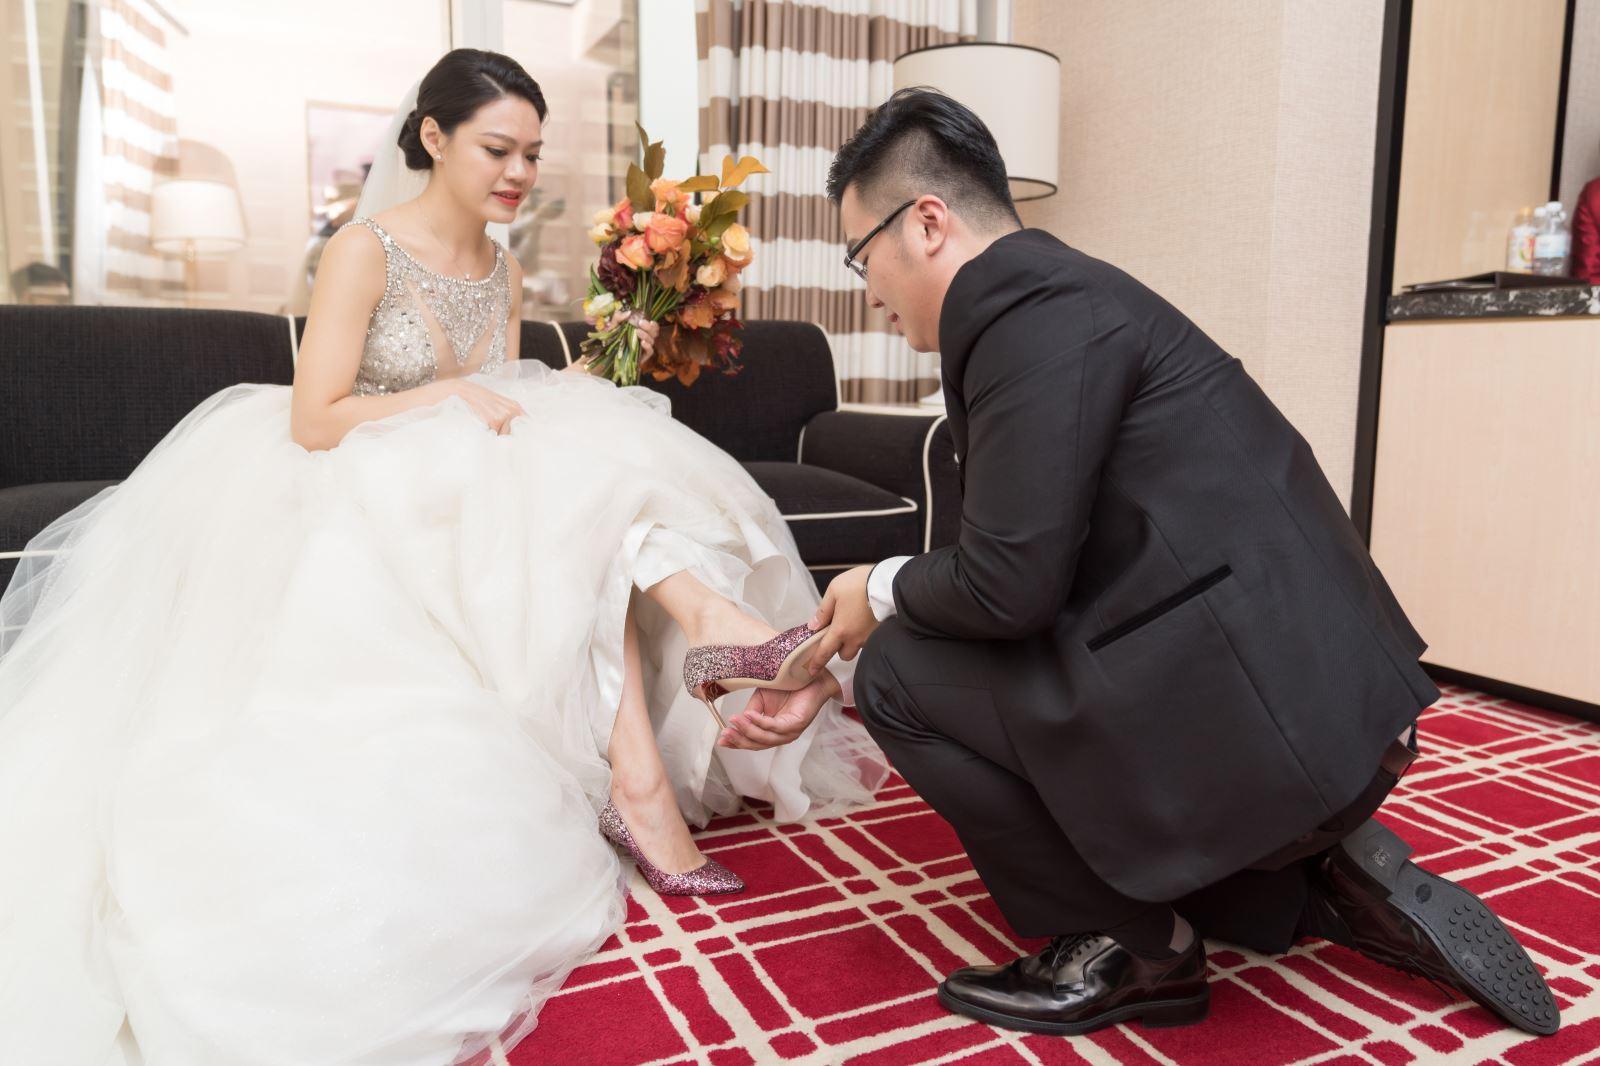 TWO in ONE婚禮顧問陪伴新人,單腳下跪,新郎為新娘穿婚鞋